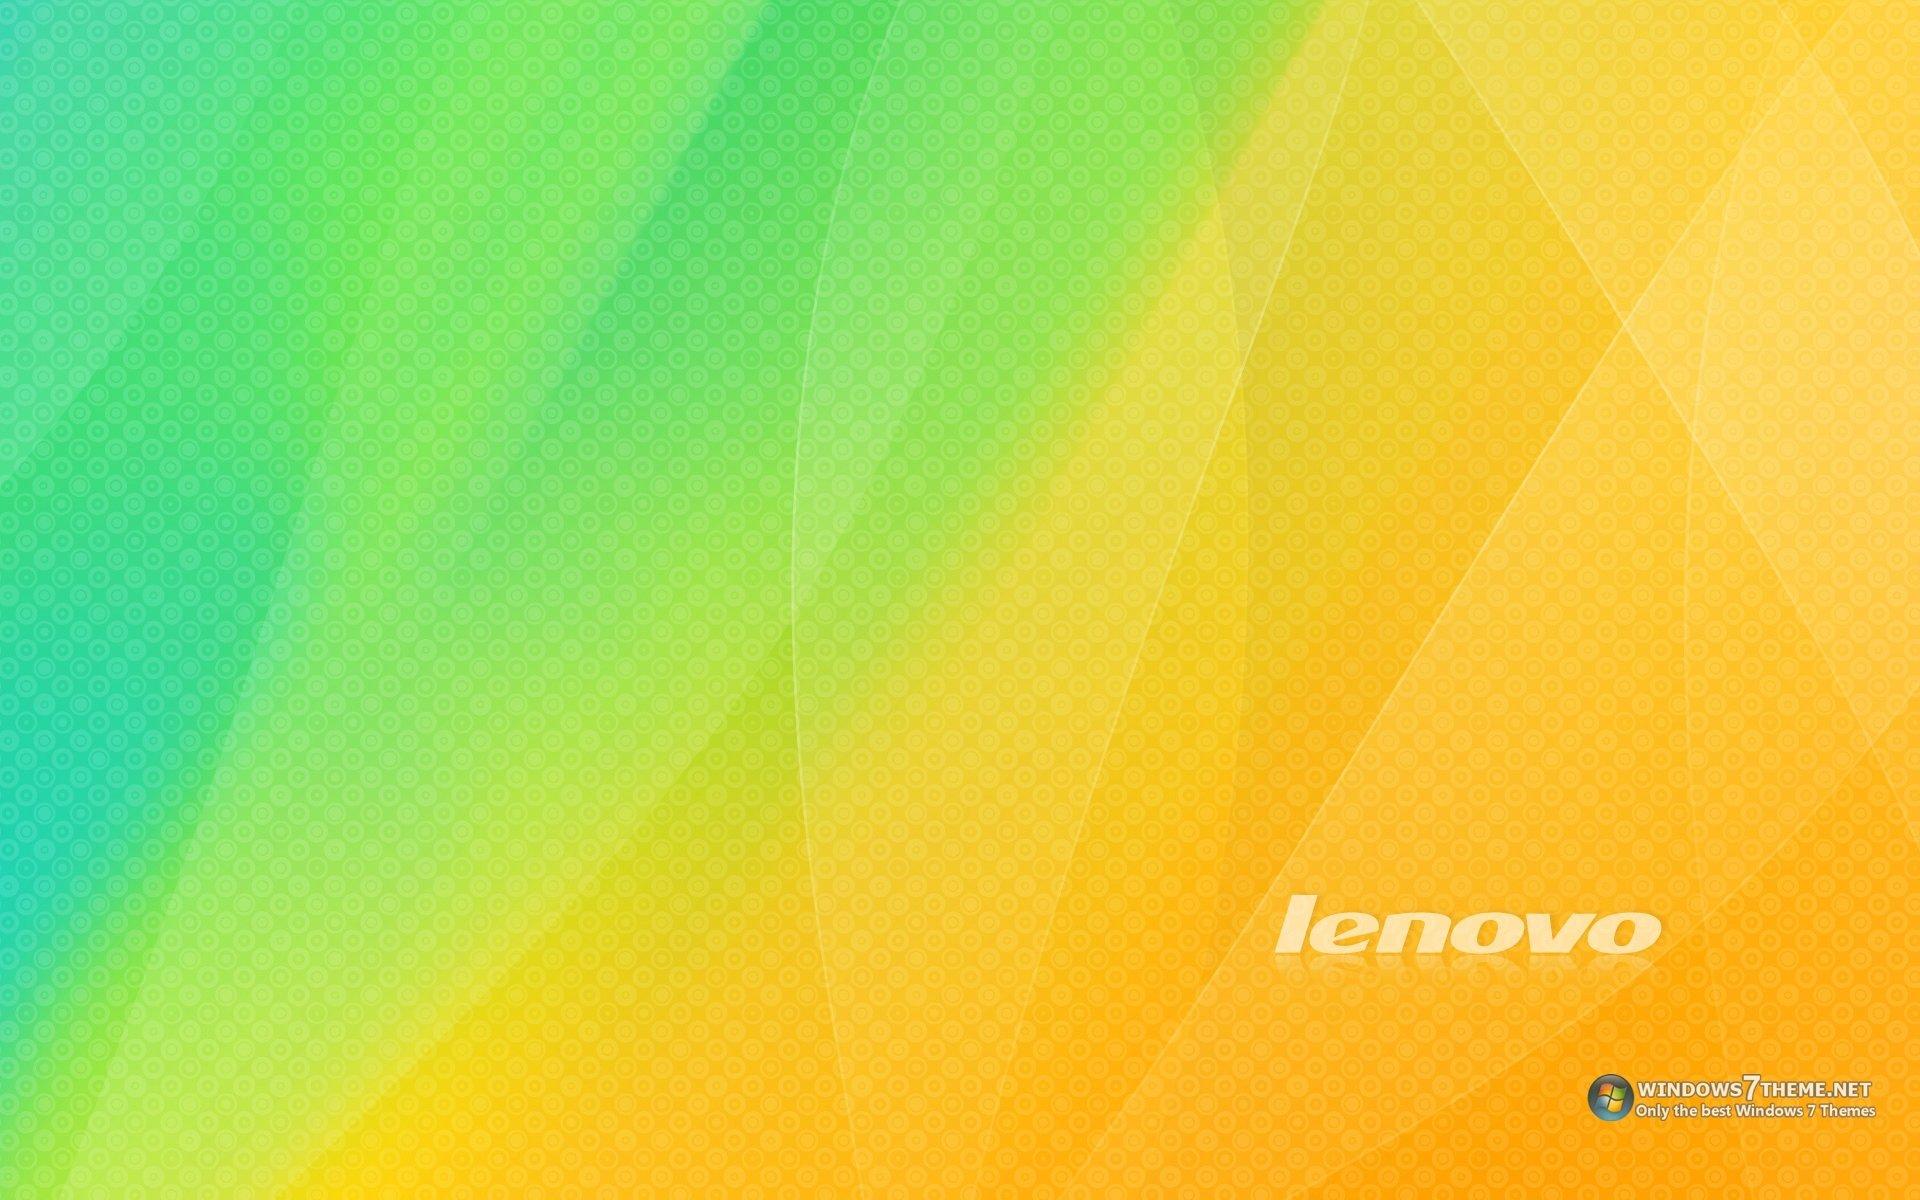 Official Lenovo Wallpaper 1920x1200